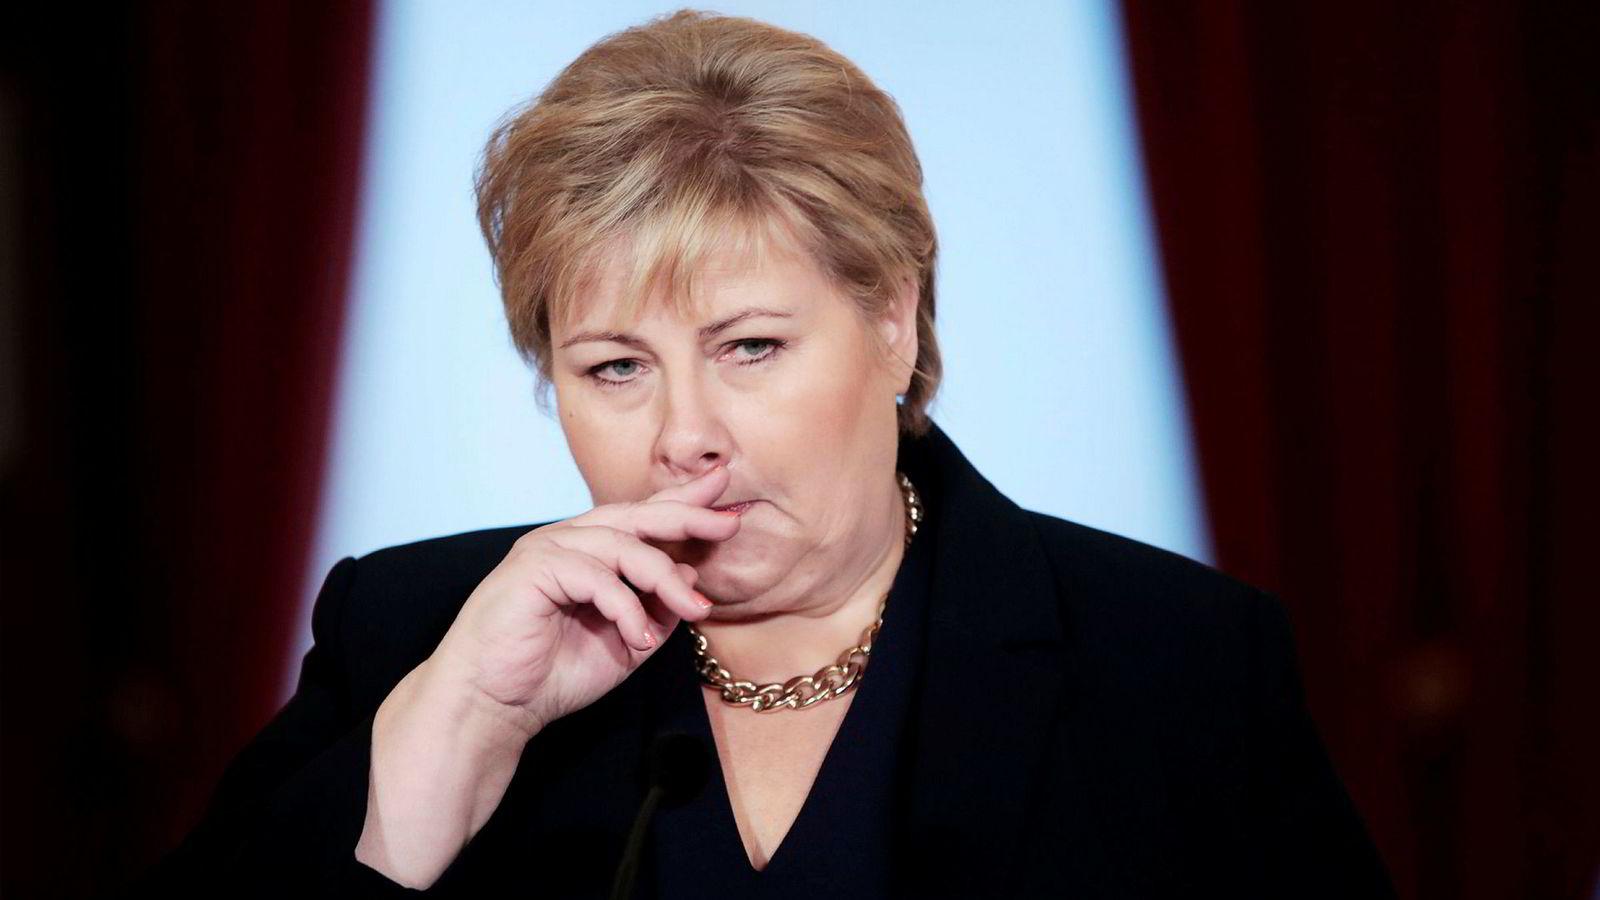 Høyres velgere er ikke fornøyd med hvordan statsminister og partileder Erna Solberg har håndtert saker om seksuell trakassering i partiet.